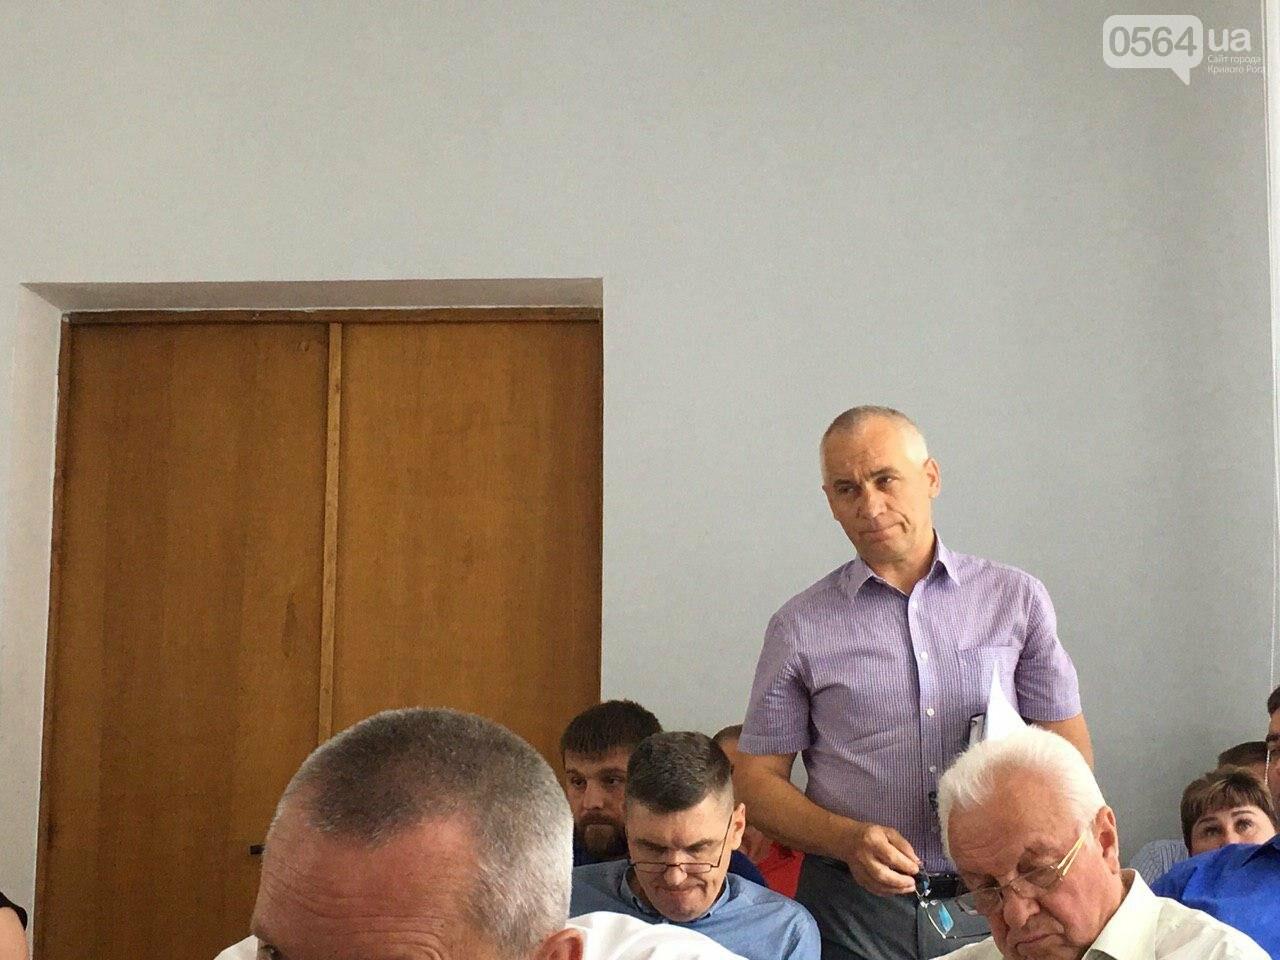 Криворожское КП пытается подготовится к отопительному сезону, несмотря на долг в полмиллиарда, - ФОТО , фото-53